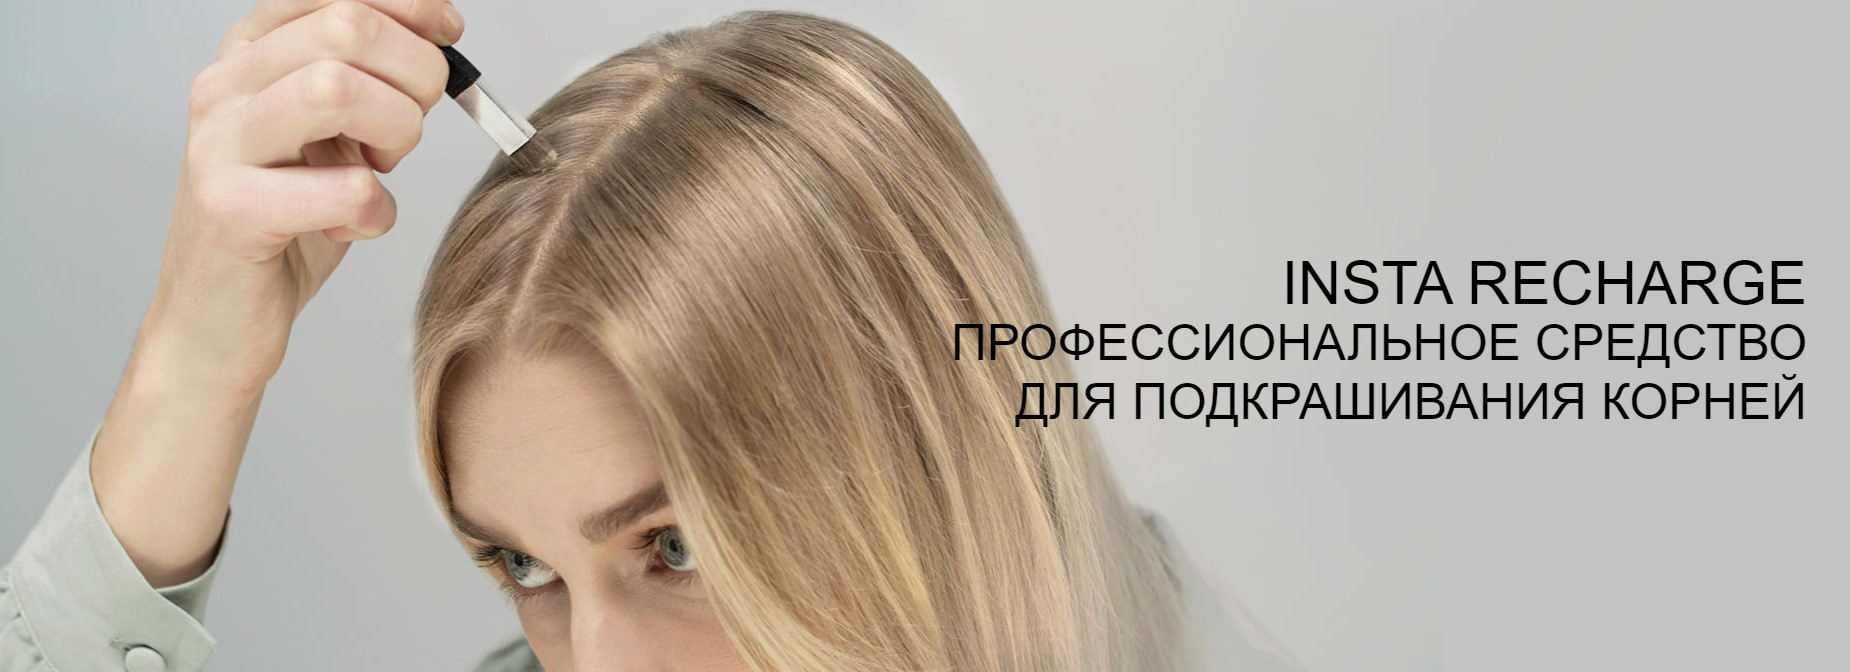 Wella подкрашивание волос, подкрашивание корней волос